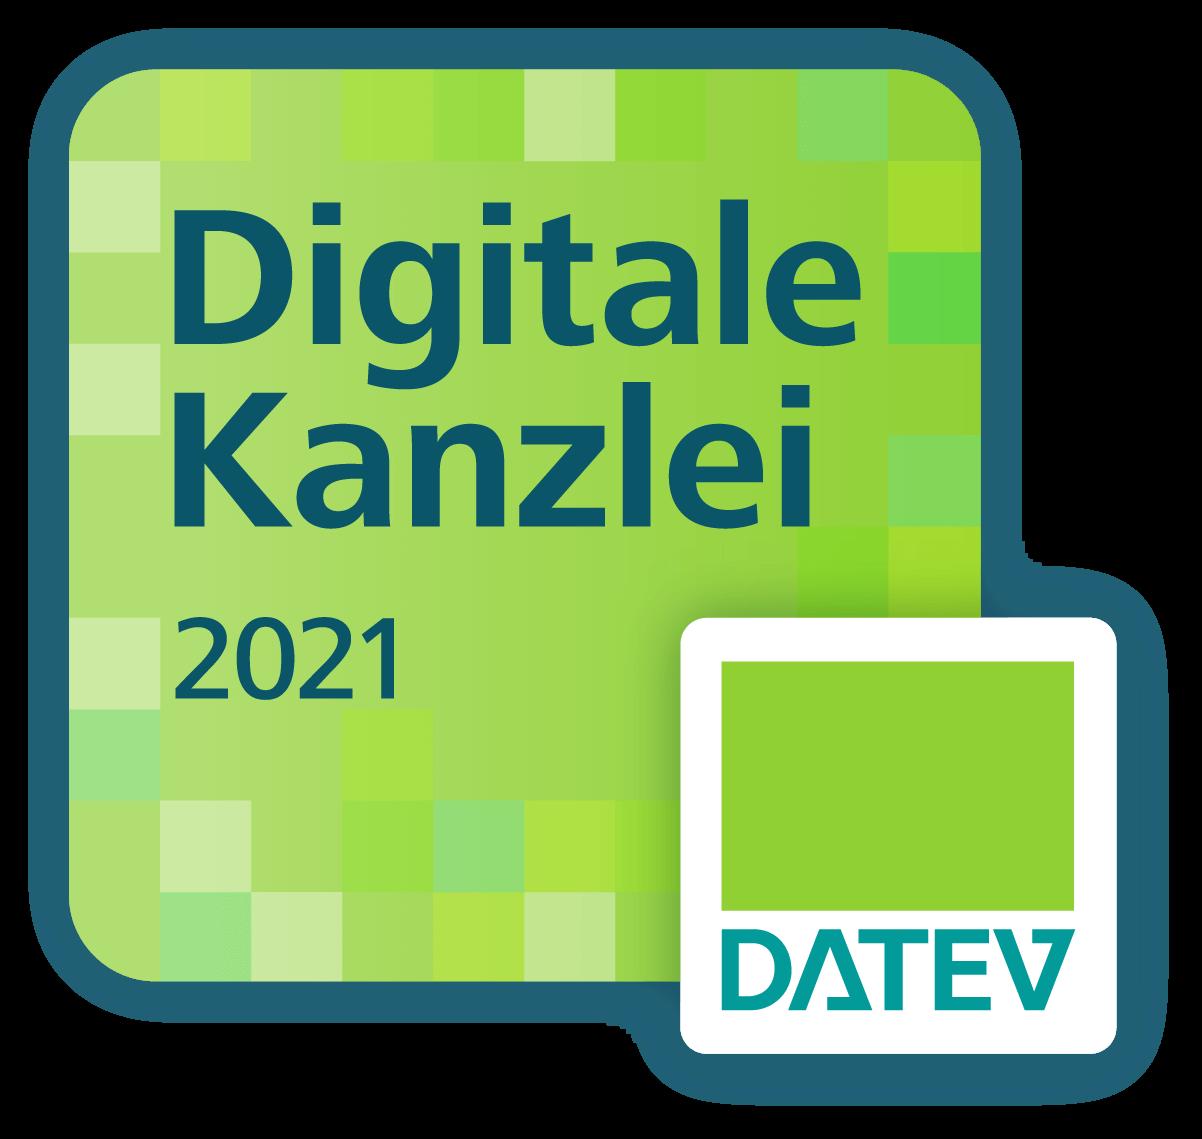 Digitale Kanzlei 2021 - DATEV